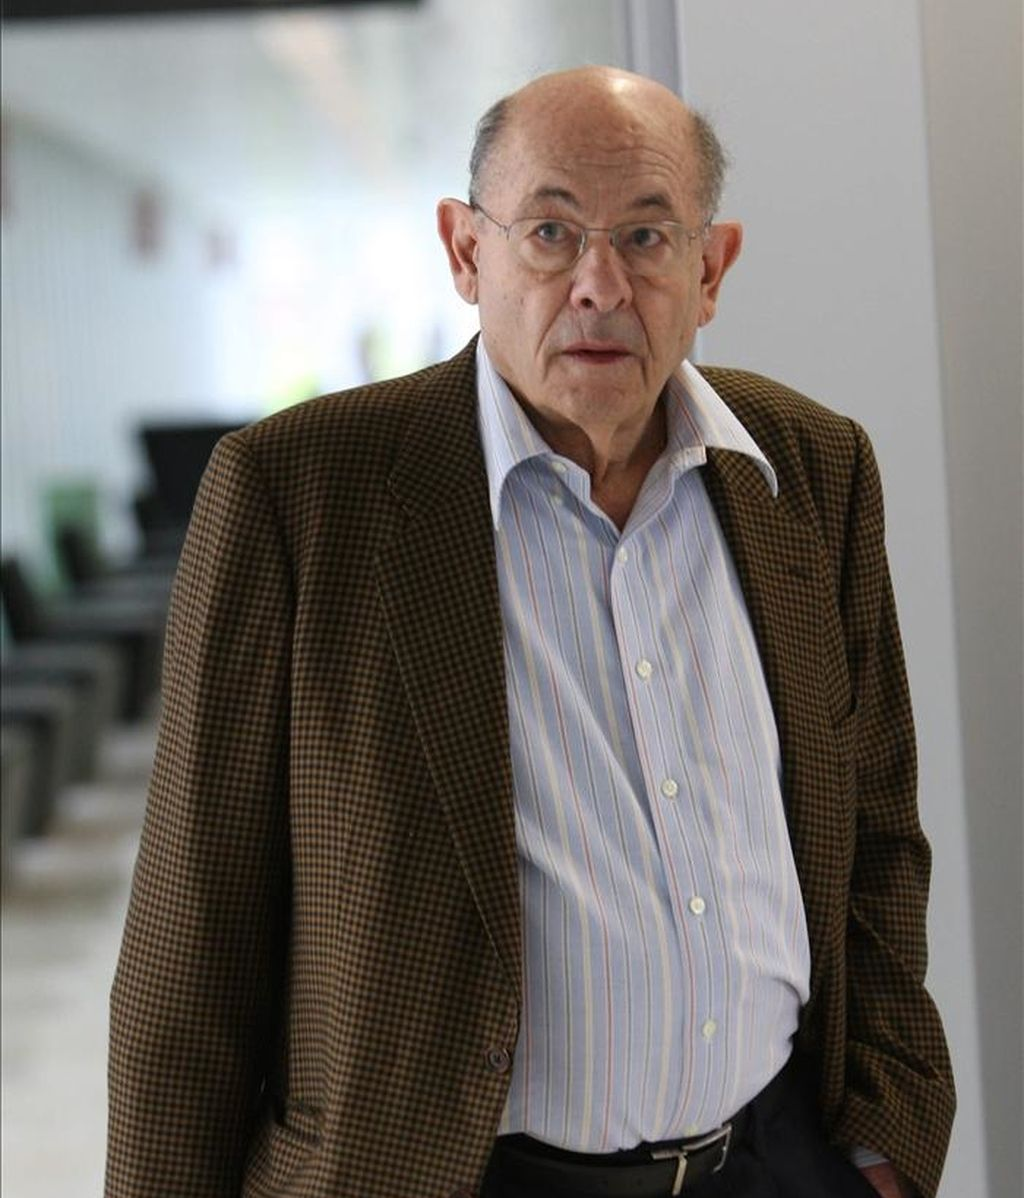 El antiguo responsable del Palau de la Música Fèlix Millet, a su llegada a los juzgados hoy, donde se ha negado a declarar ante el juez por el presunto pago de comisiones de la constructora Ferrovial a CDC a través de la institución cultural. EFE